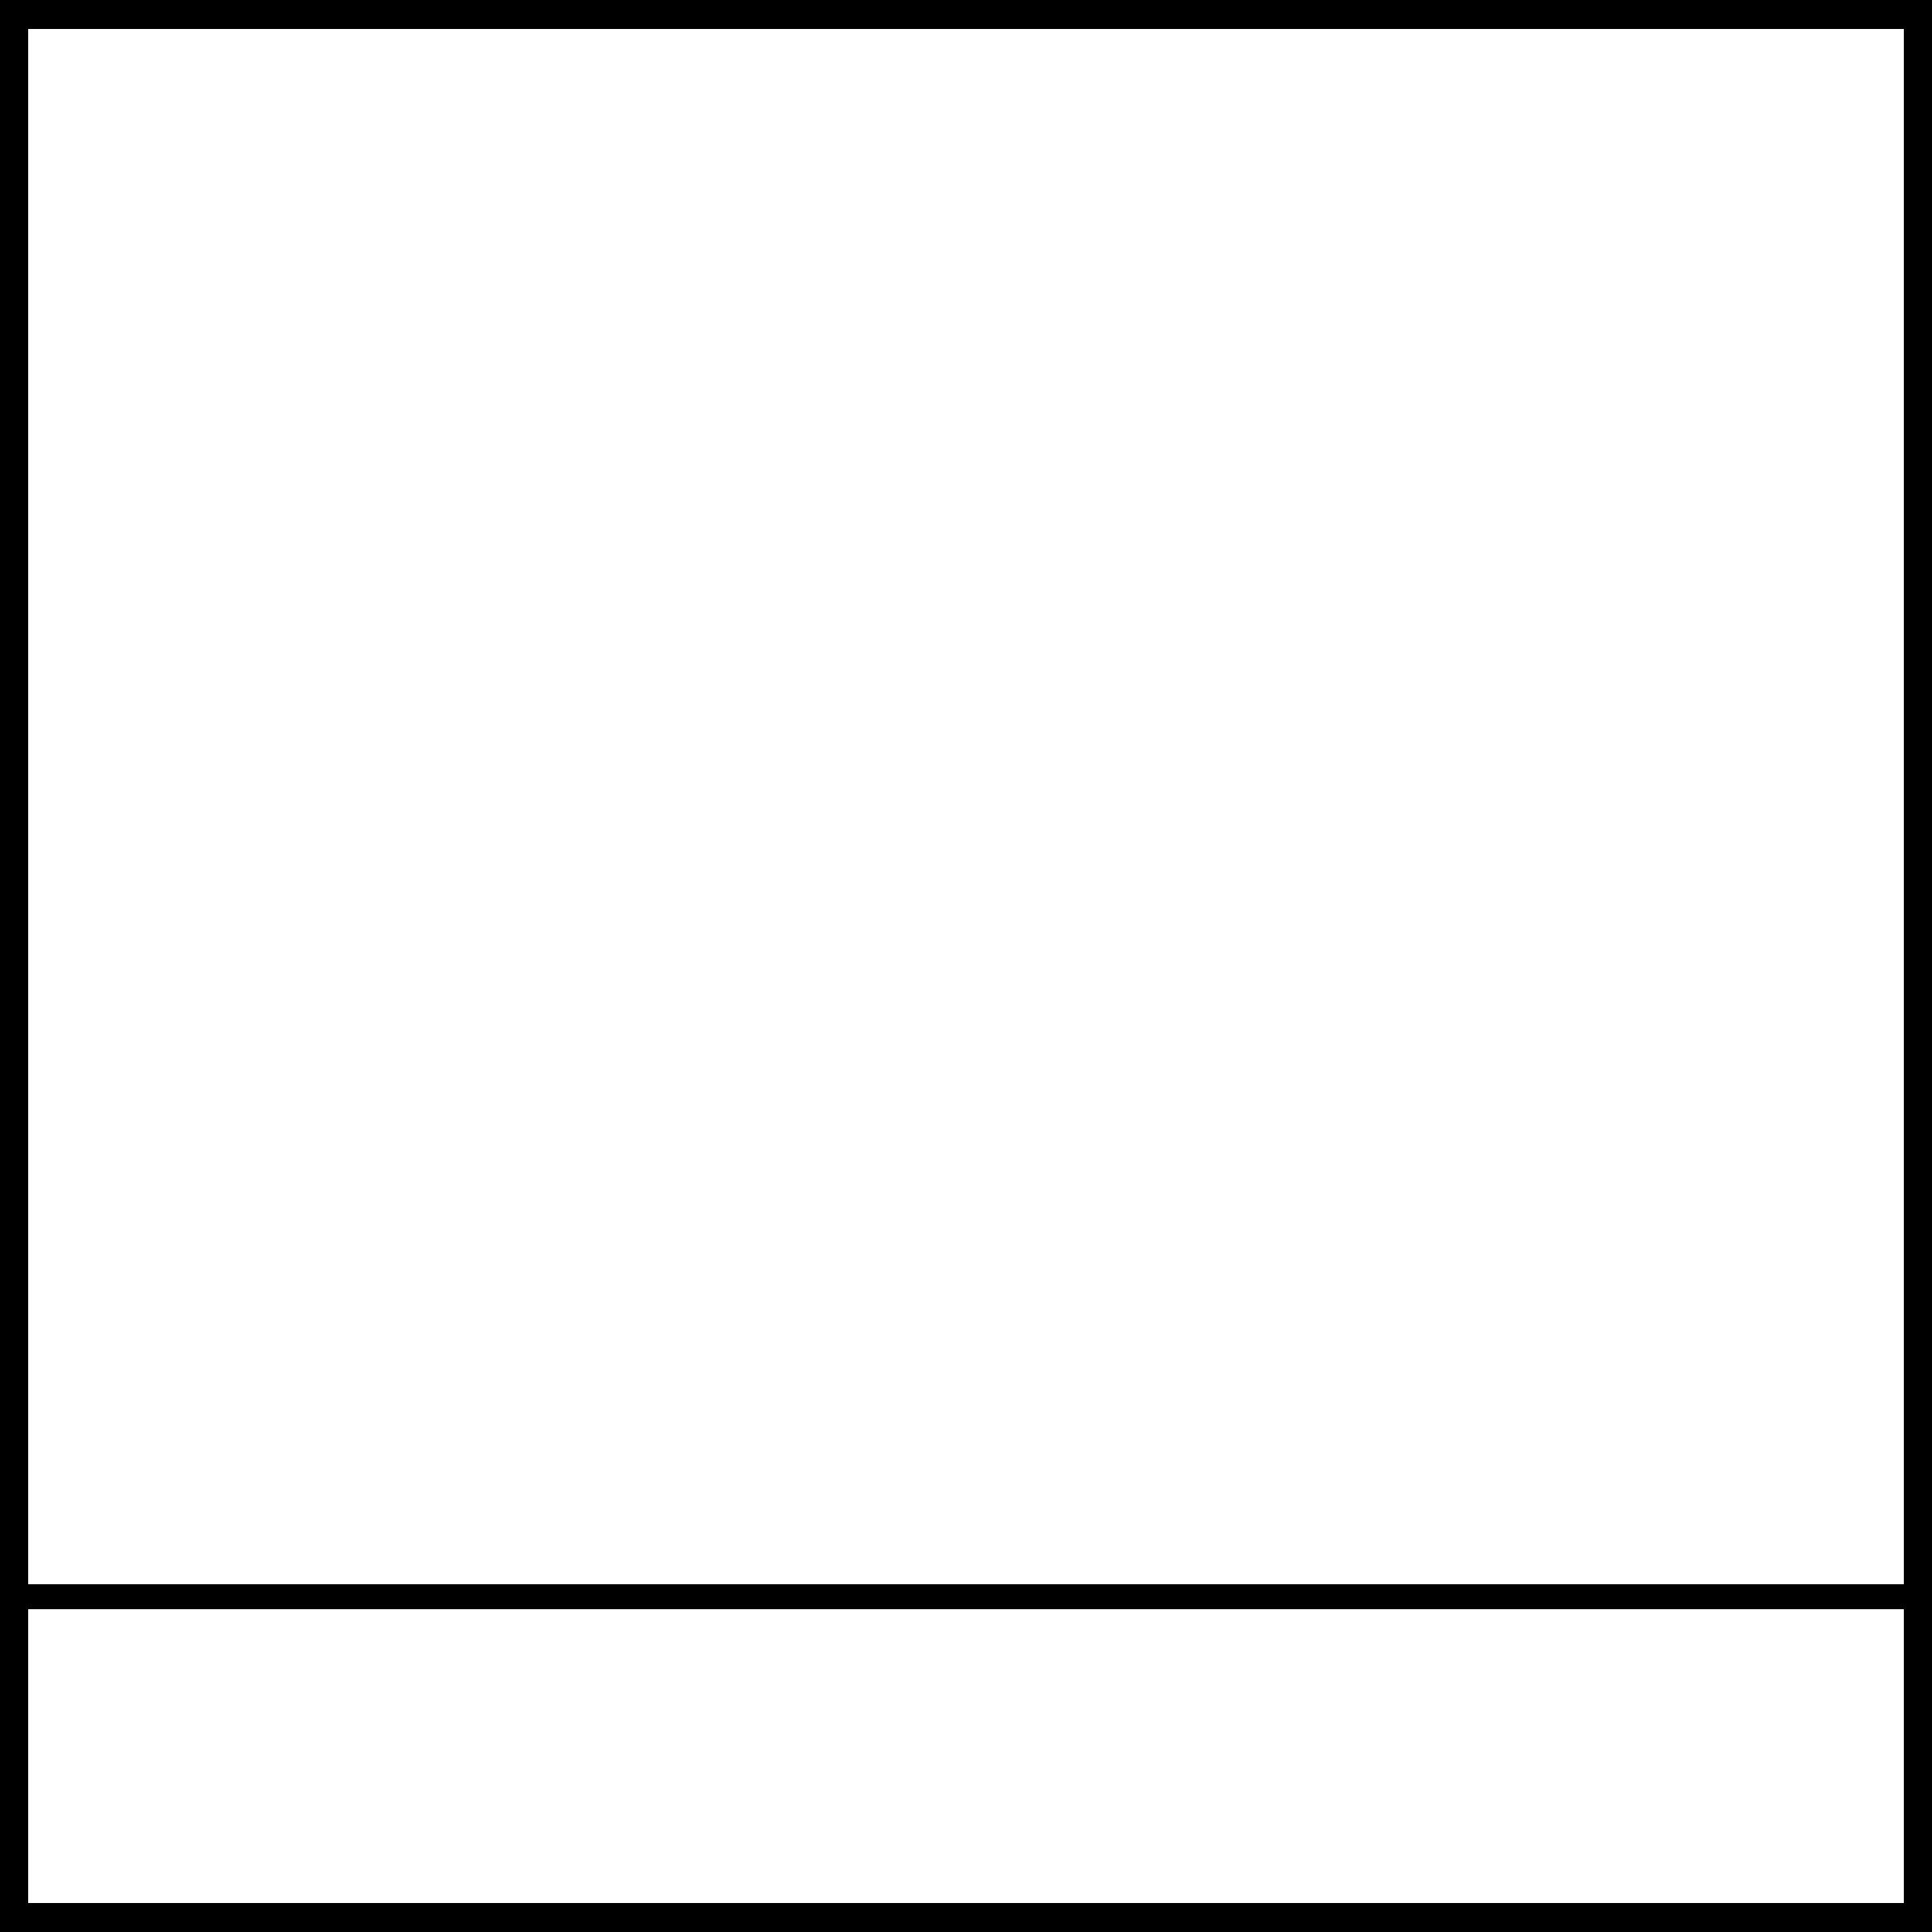 SKF Logo PNG Transparent & SVG Vector